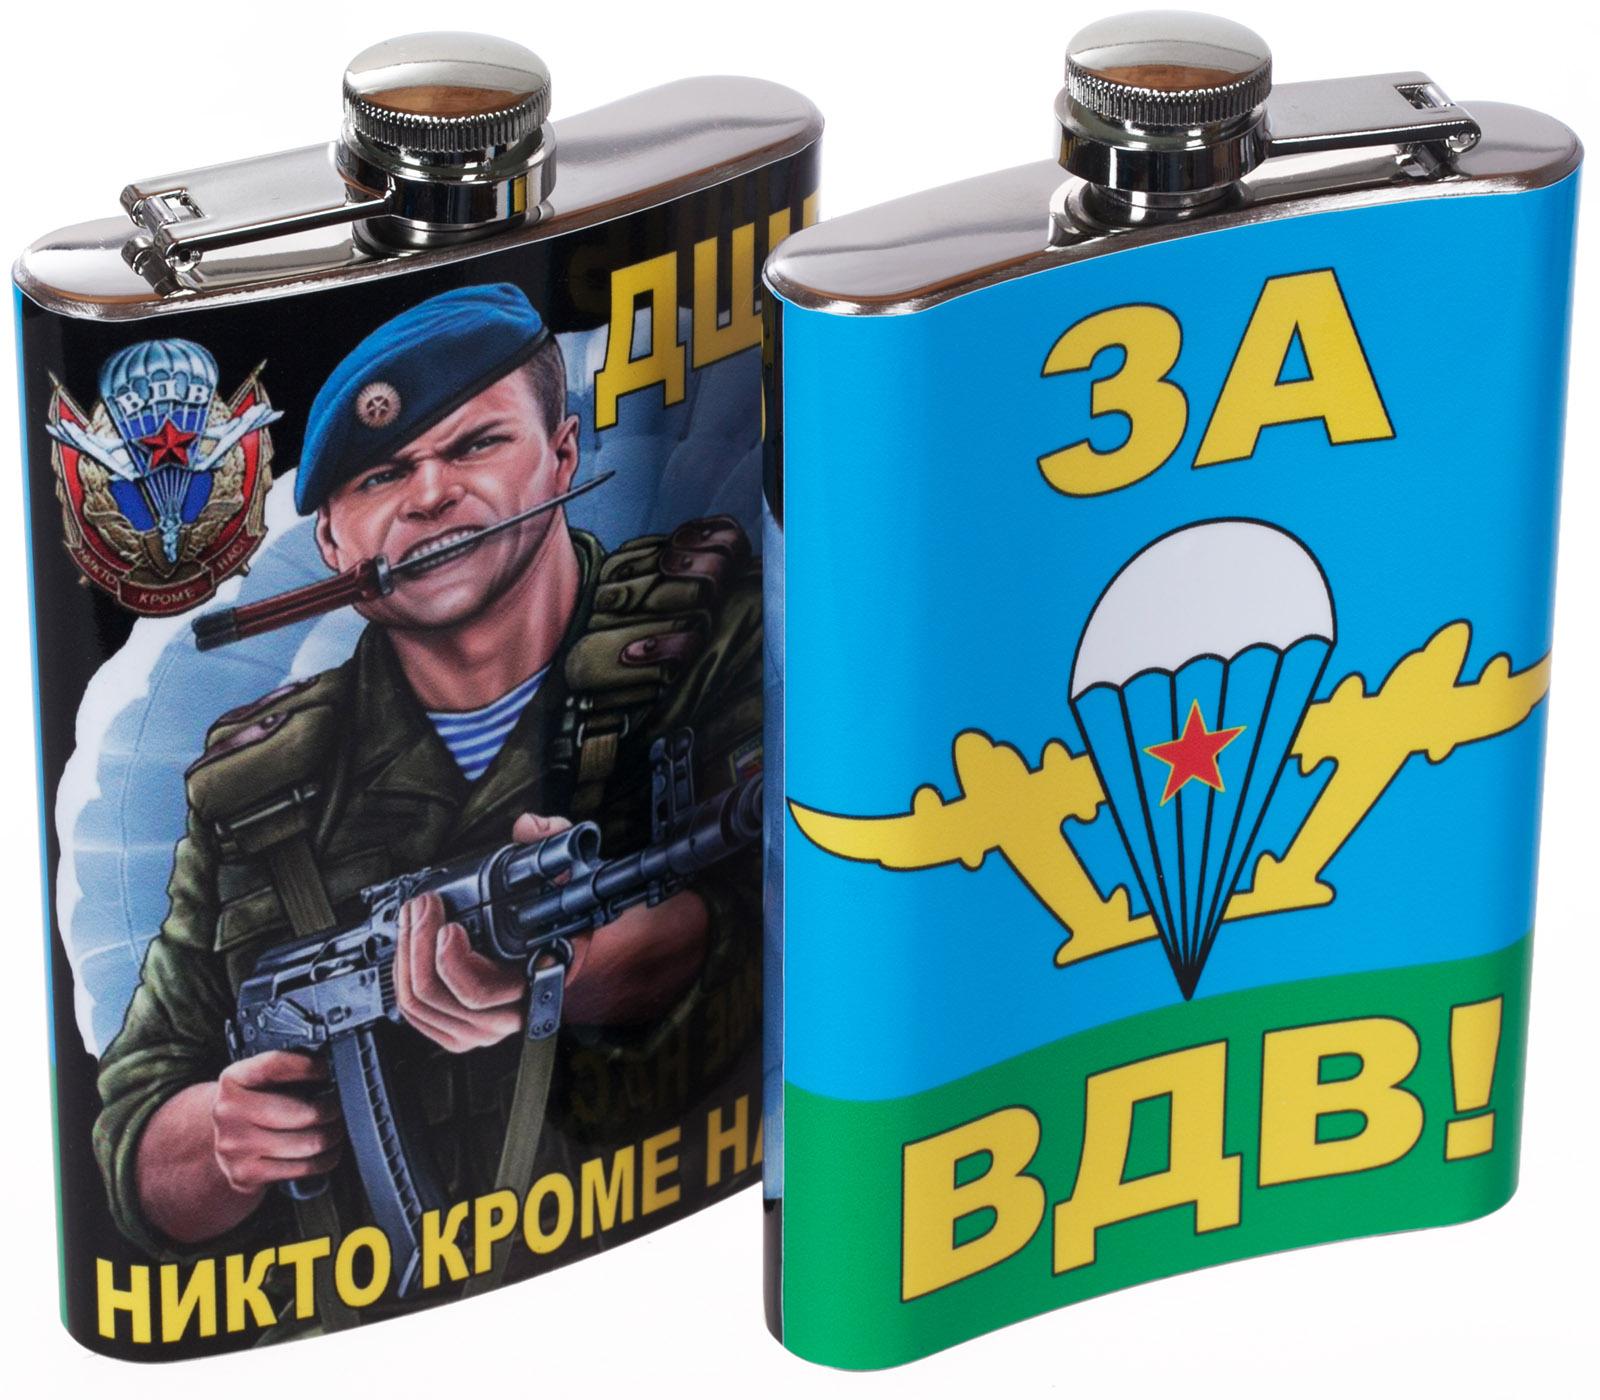 """Купить фляжку """"ДШБ ВДВ"""" с доставкой от Военпро"""